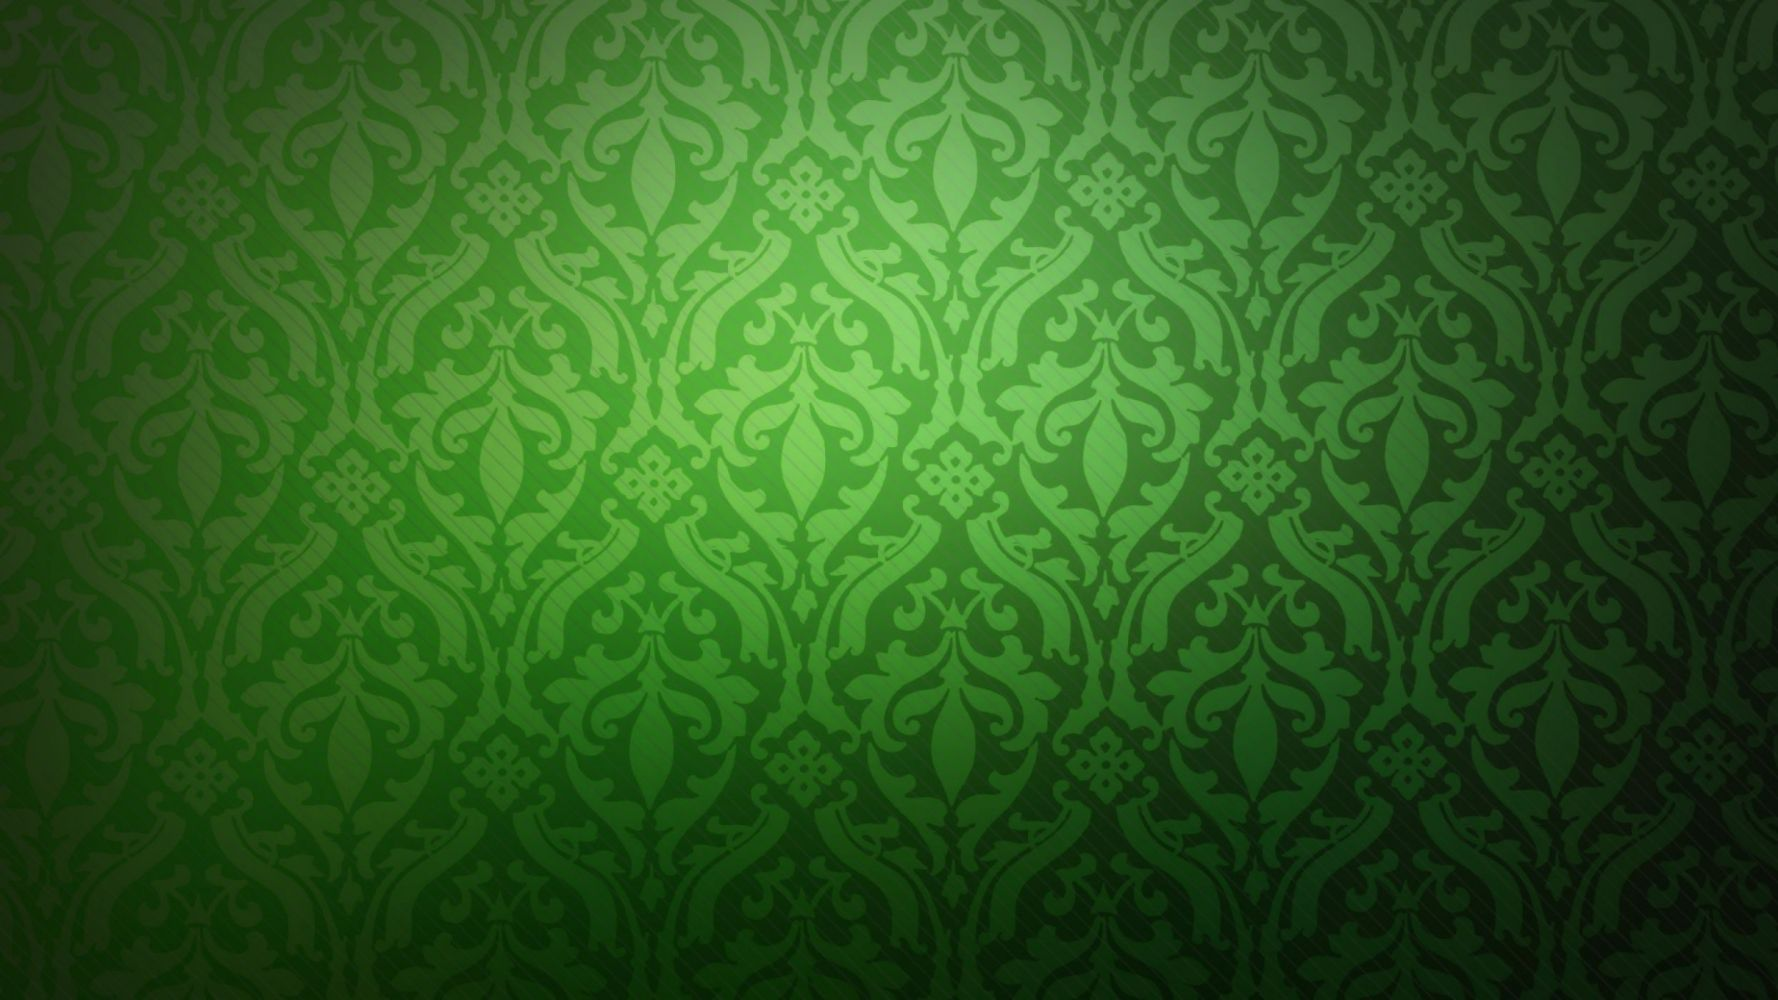 Hoa văn nền xanh lá